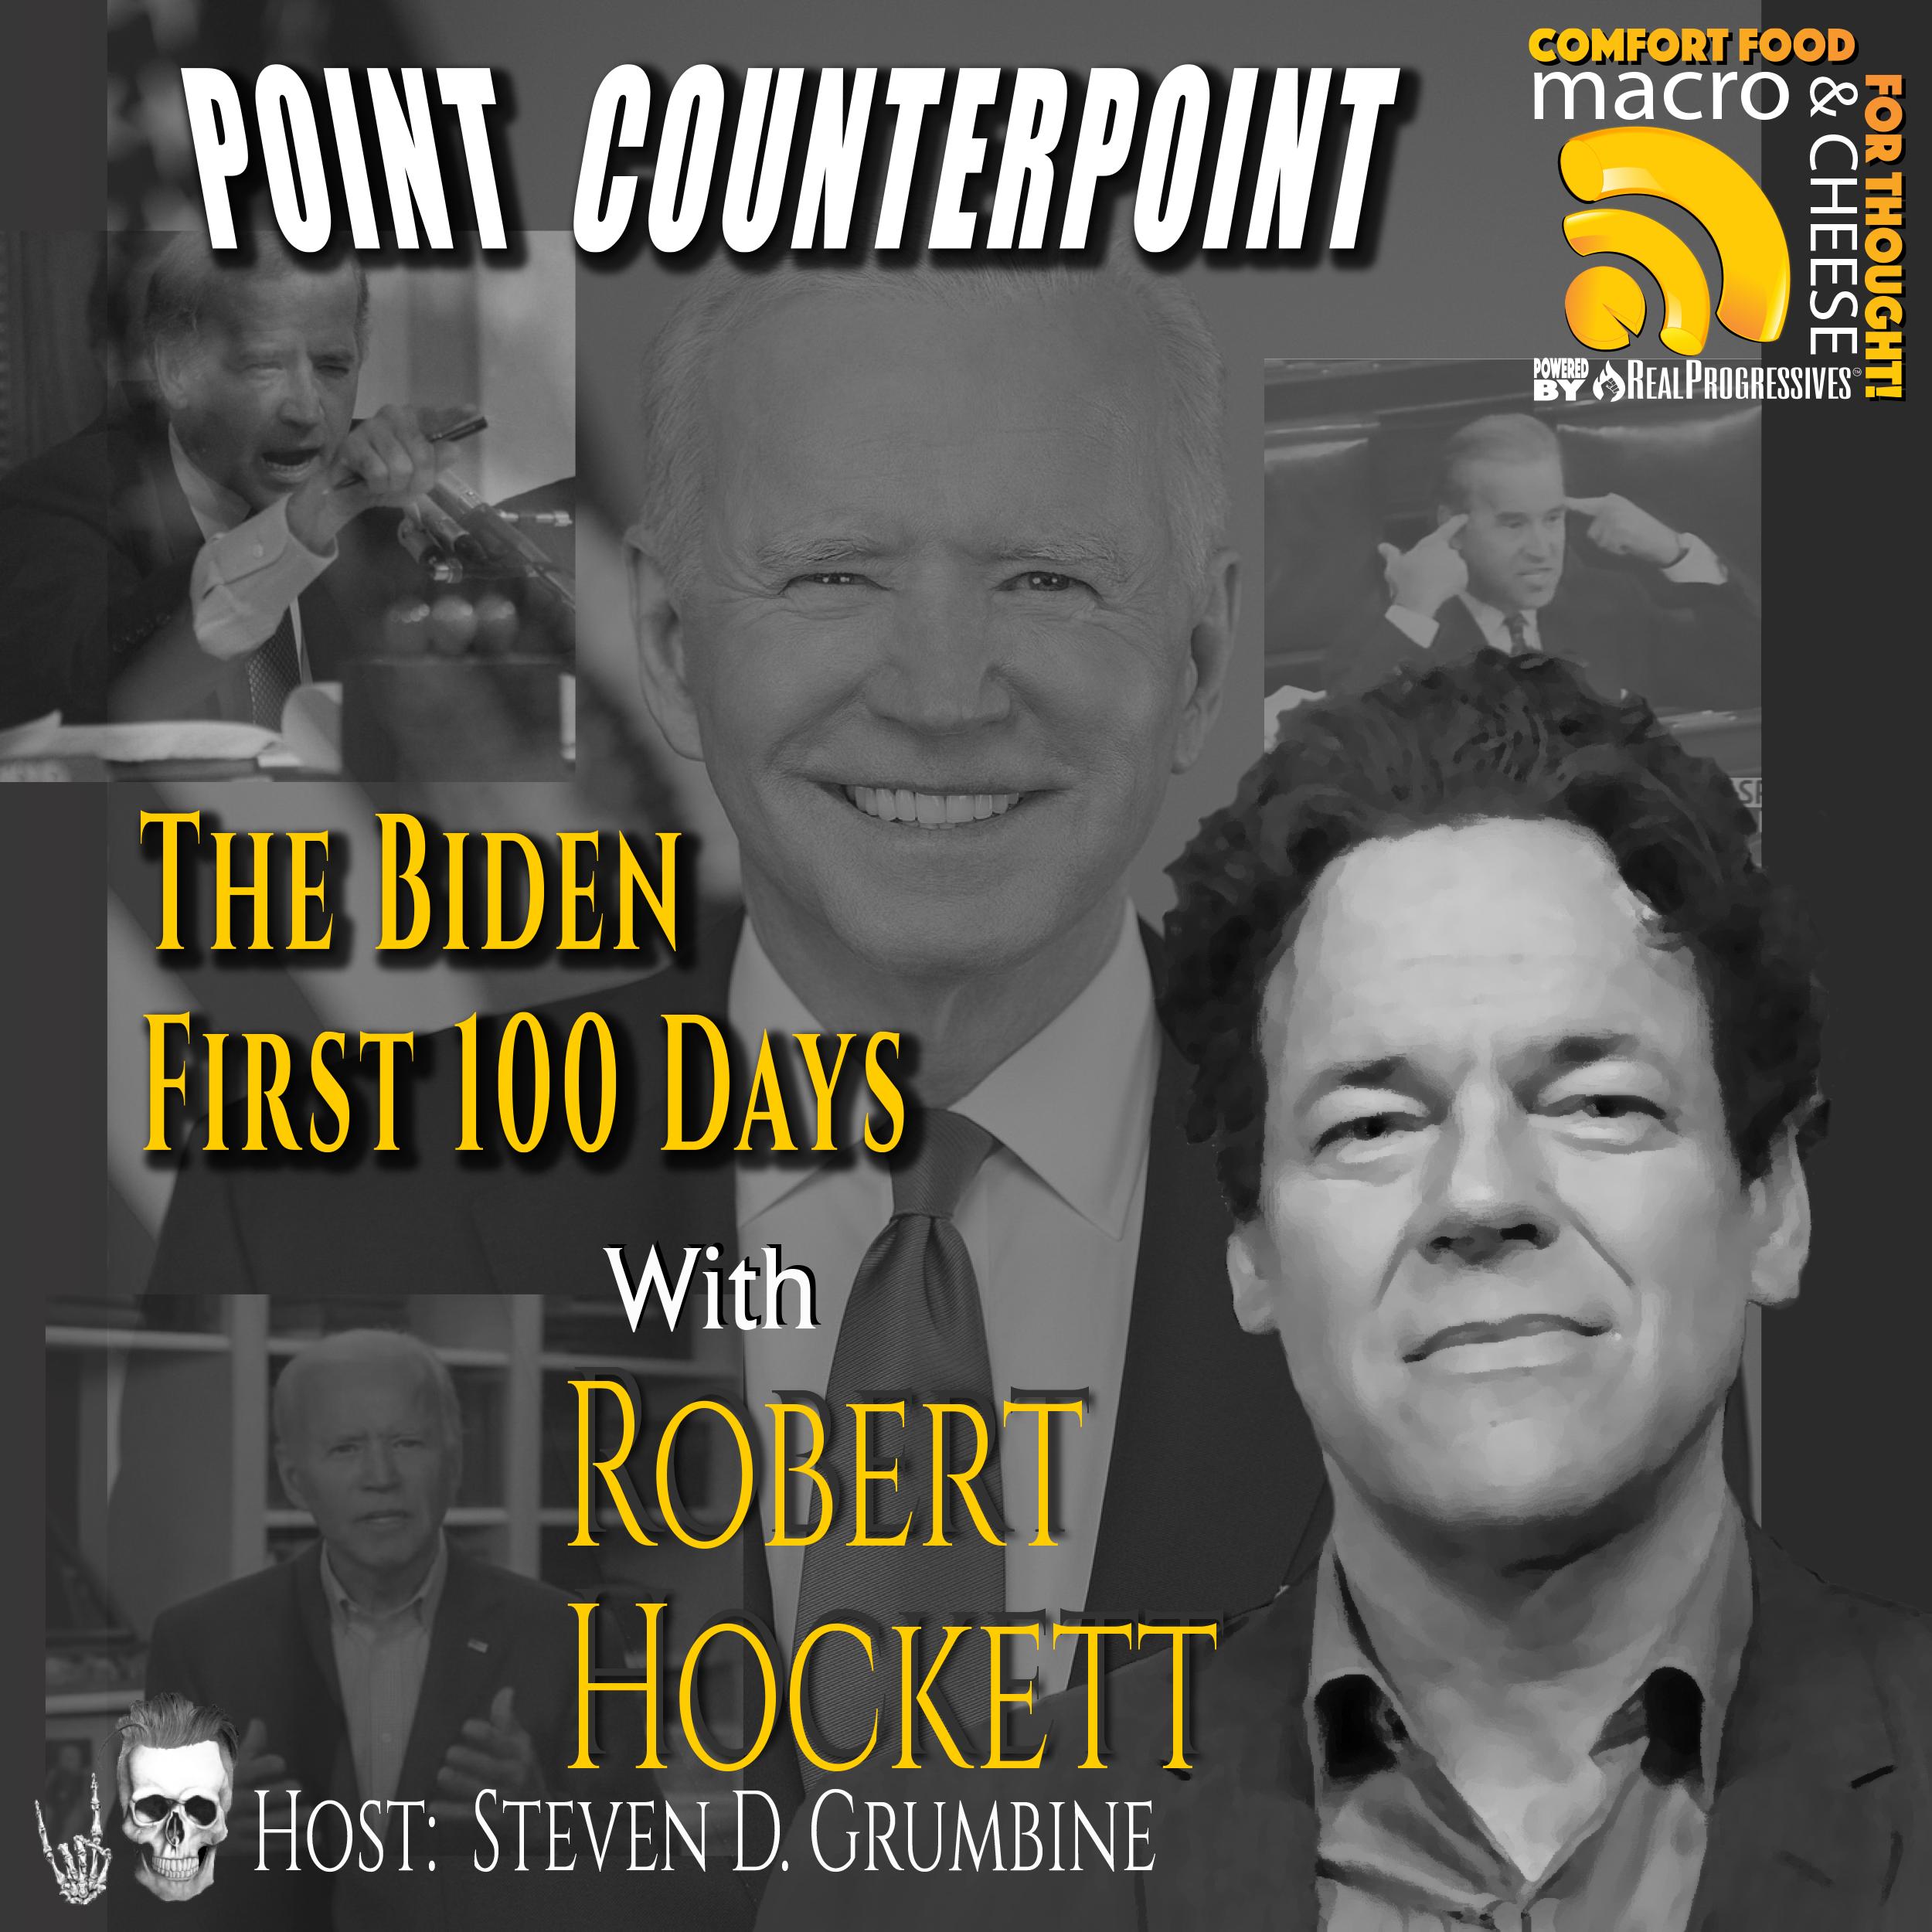 Point Counterpoint: The Biden First 100 Days with Robert Hockett